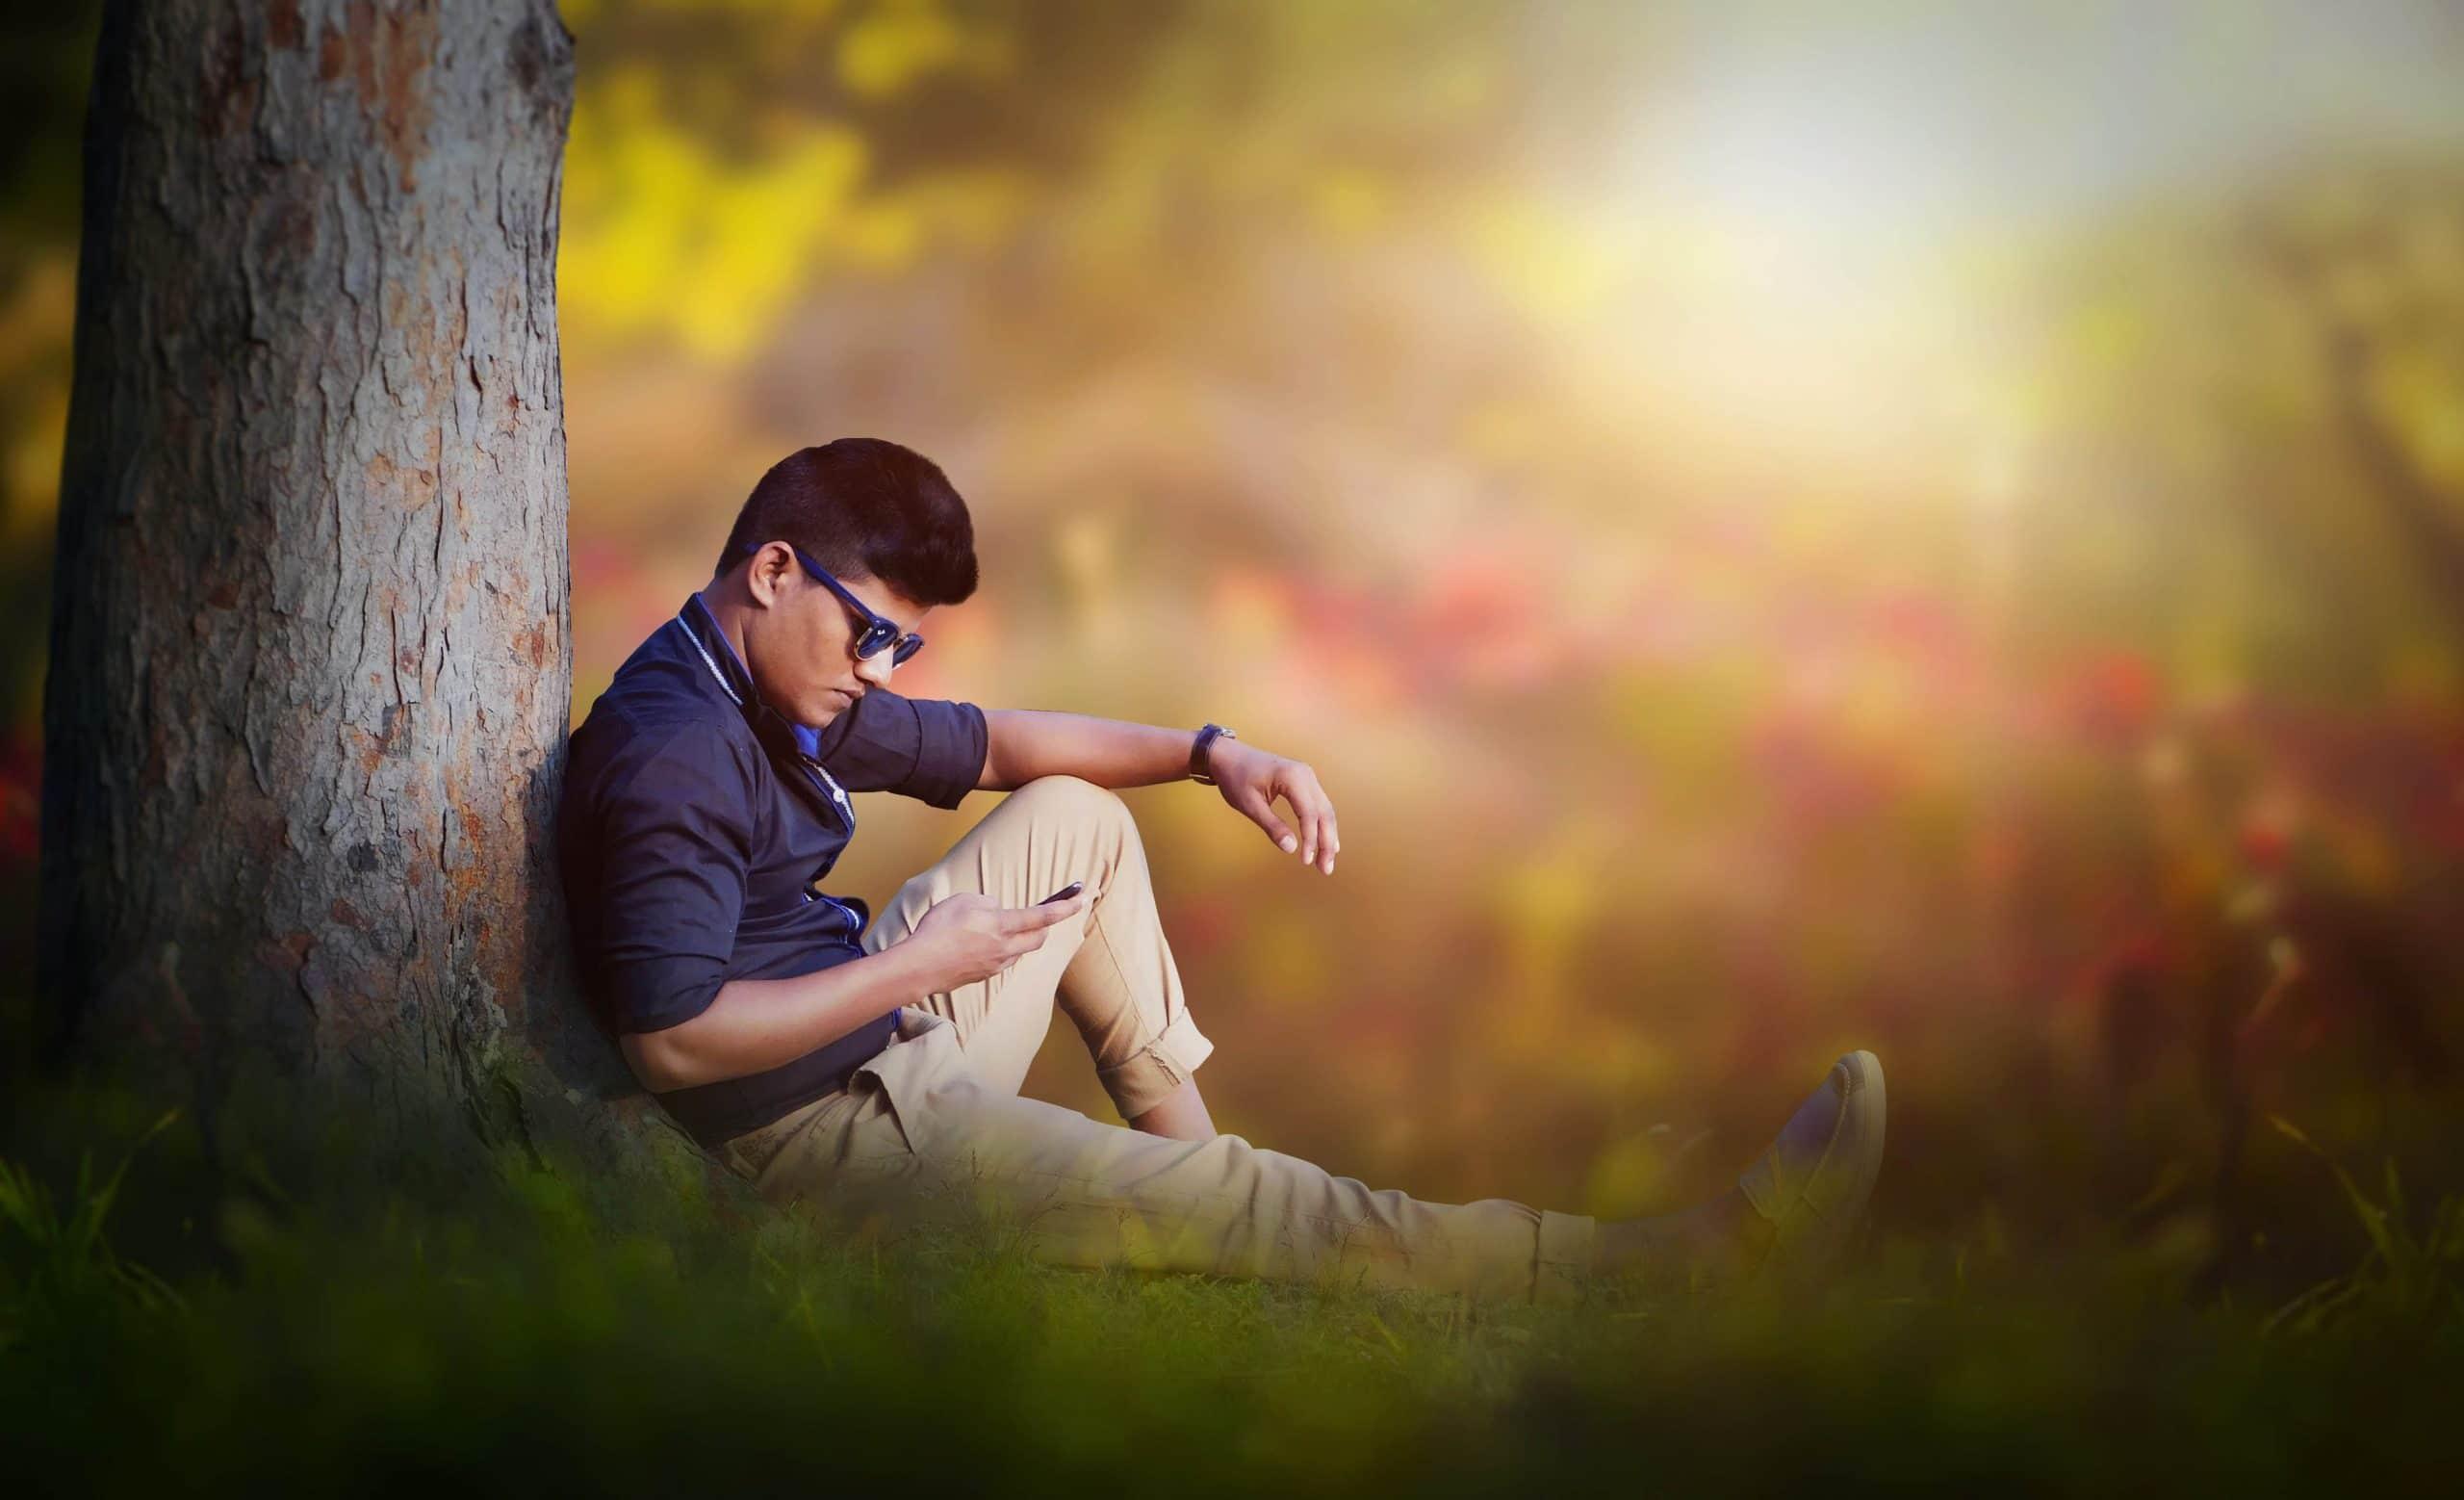 blur-background-photoshop-7